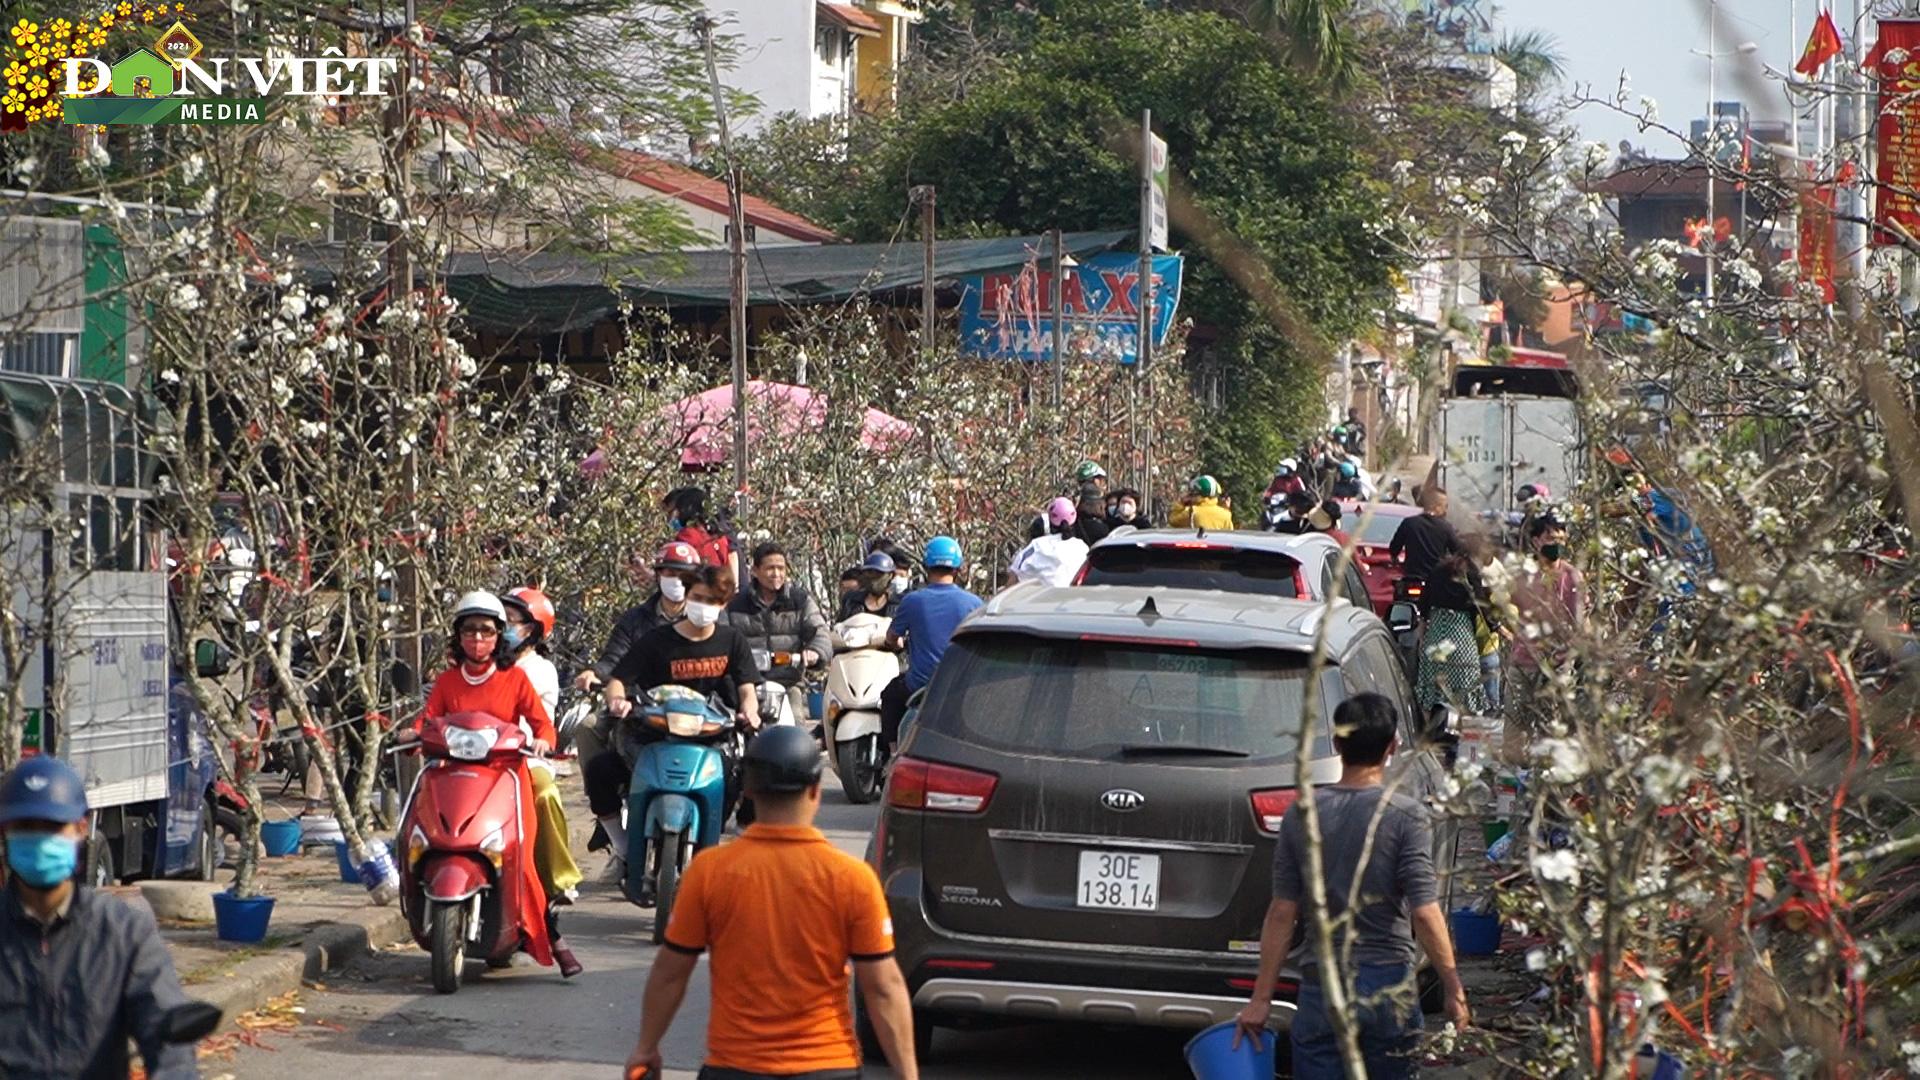 Hoa lê rừng xuống phố thu hút hàng nghìn người dân Thủ đô  - Ảnh 2.